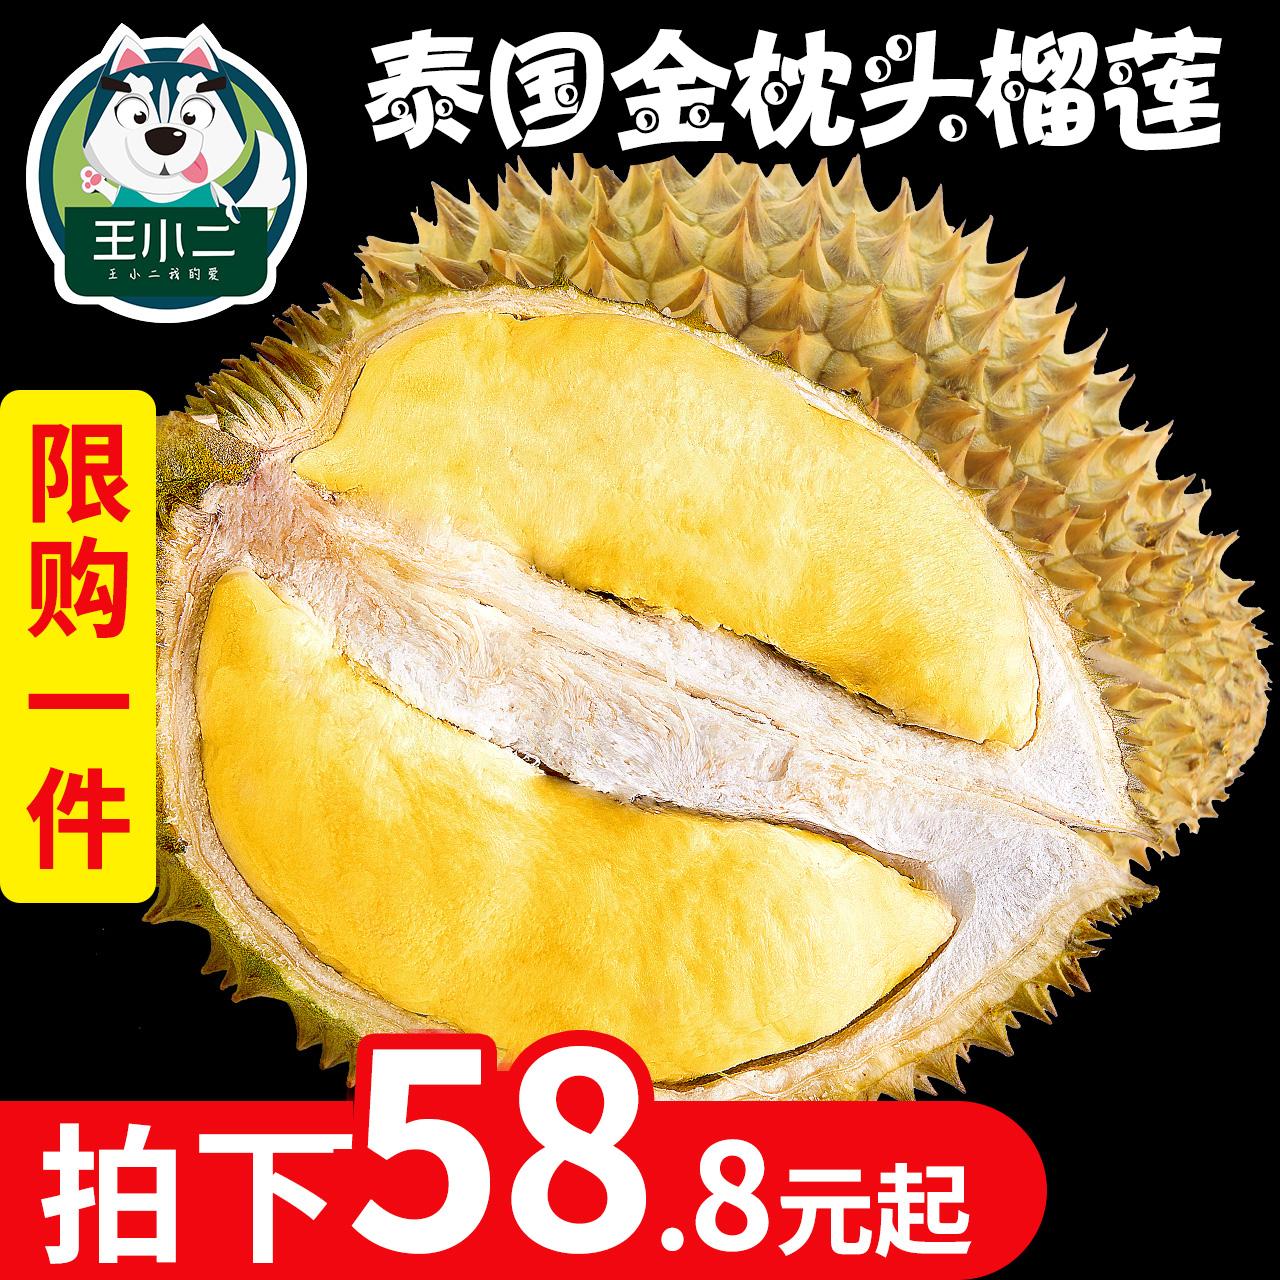 泰国进口金枕头榴莲2-10斤新鲜水果批发包邮巴掌榴莲带壳当季特产